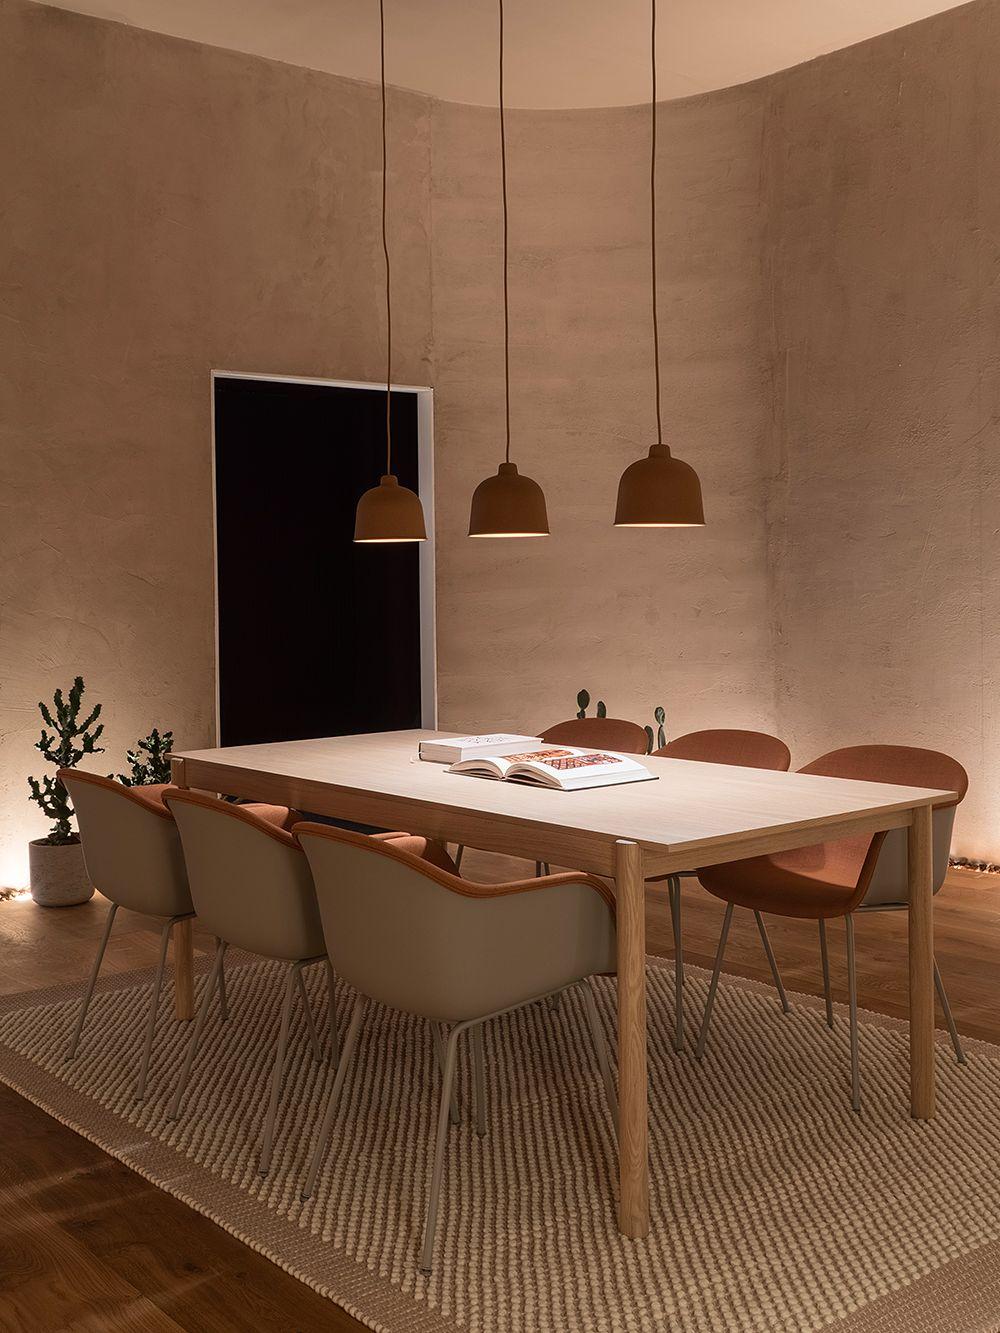 Espacio de comedor diseñado para el bienestar por Google en colaboración con Muuto, #InteriorDesignTrends @Utrillanais